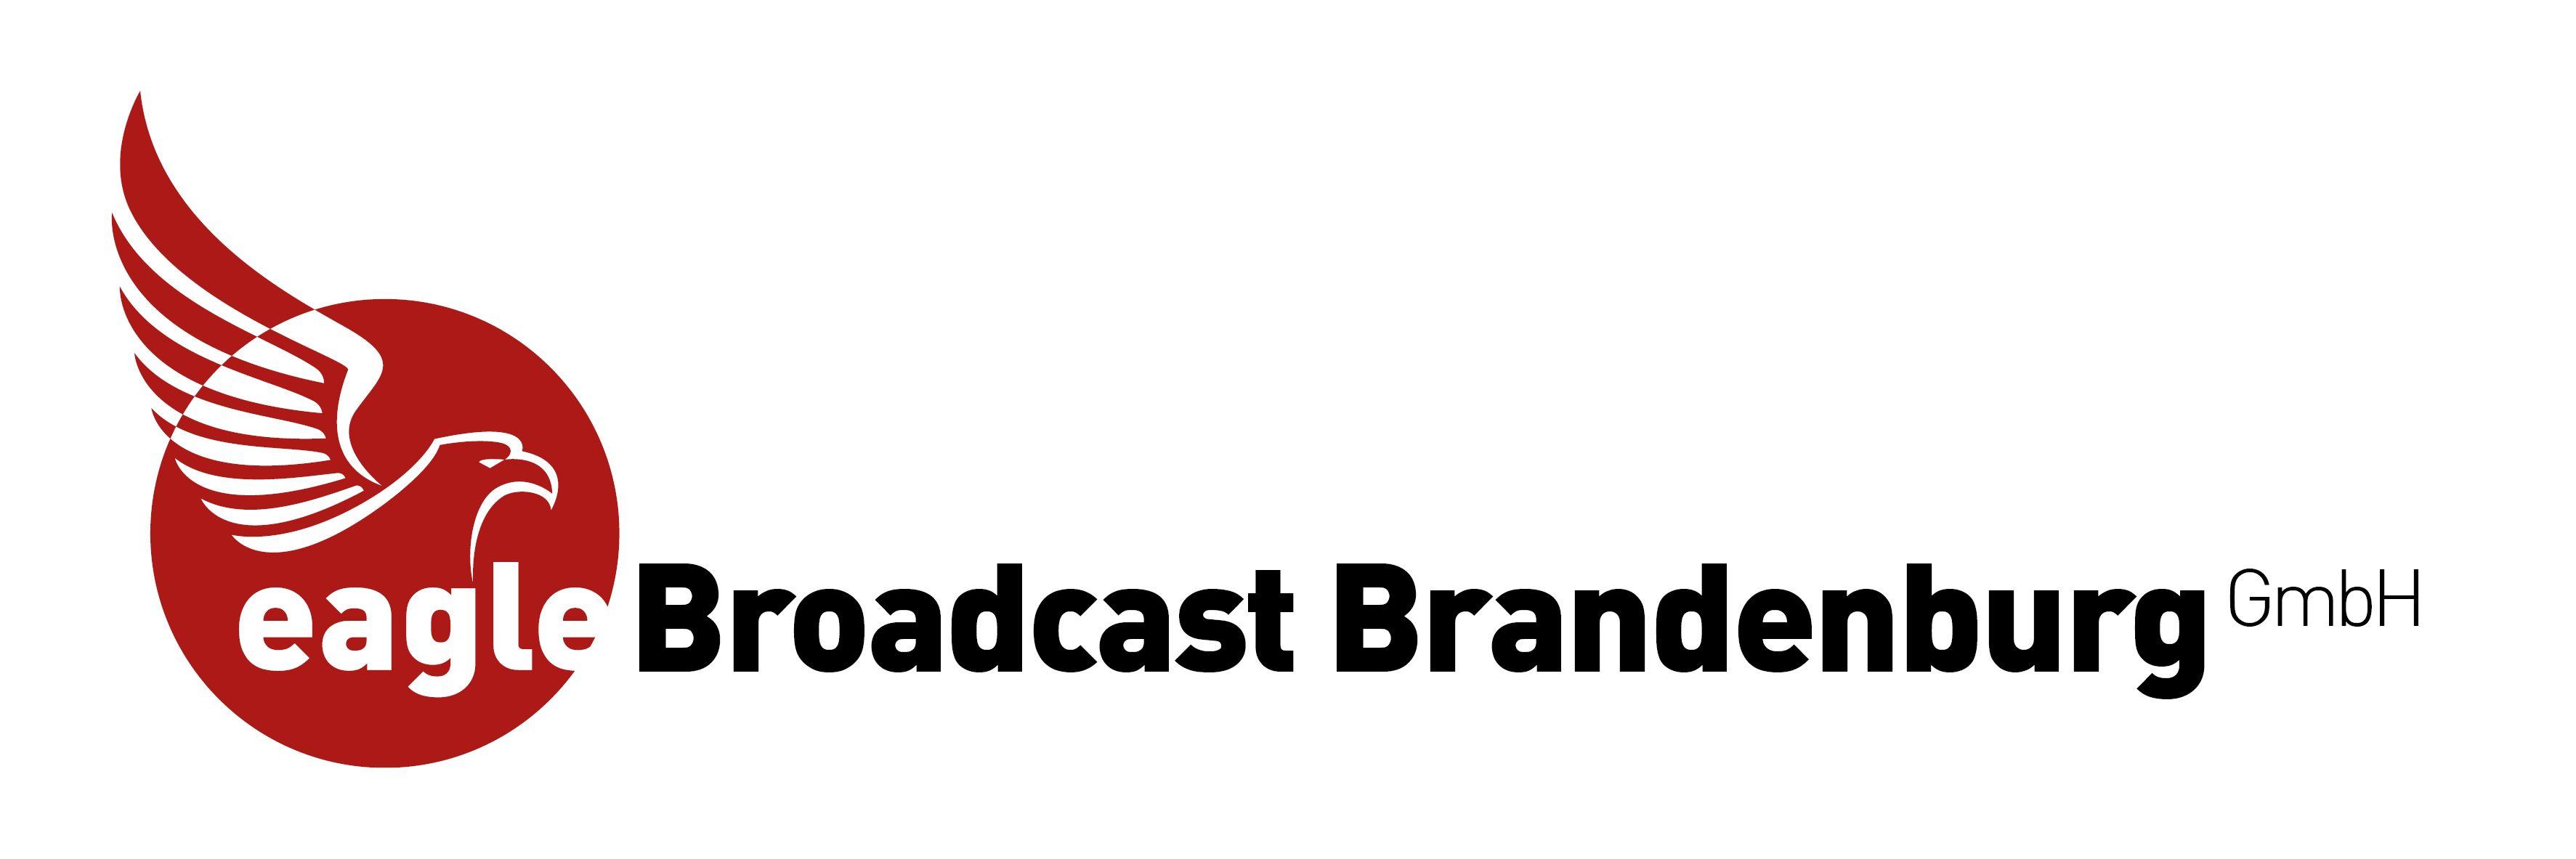 eagle Broadcast Brandenburg